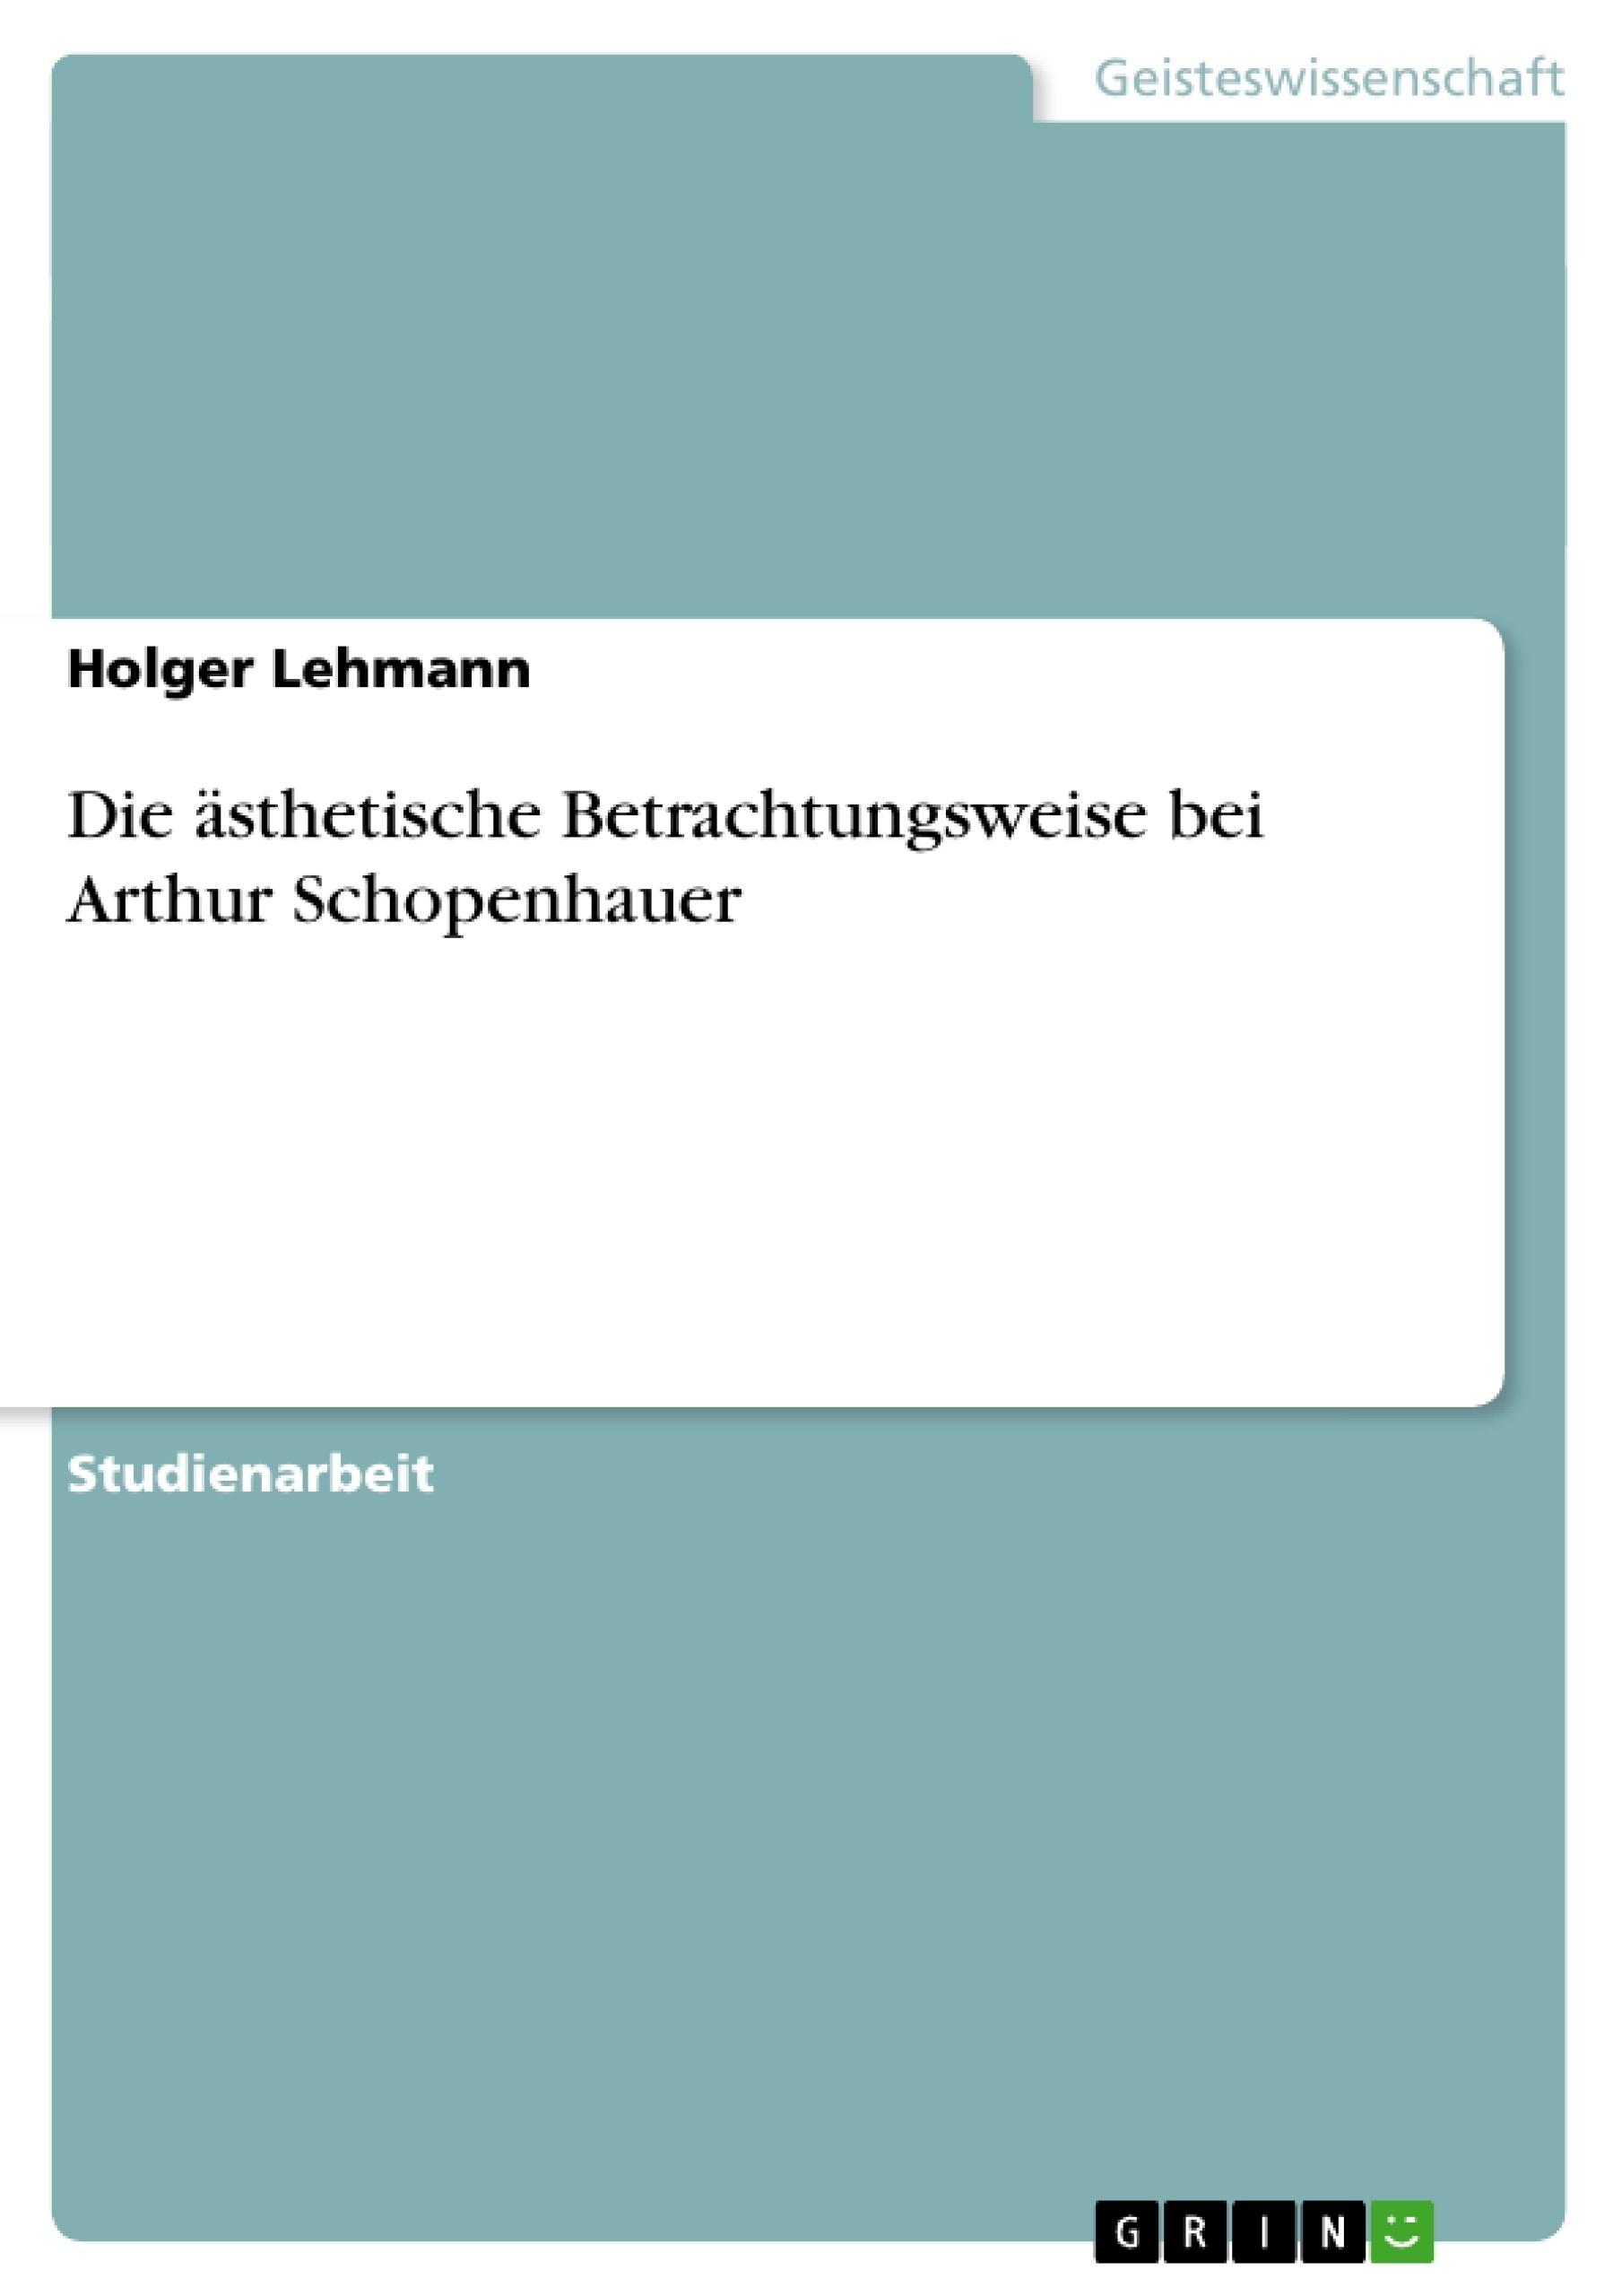 Titel: Die ästhetische Betrachtungsweise bei Arthur Schopenhauer